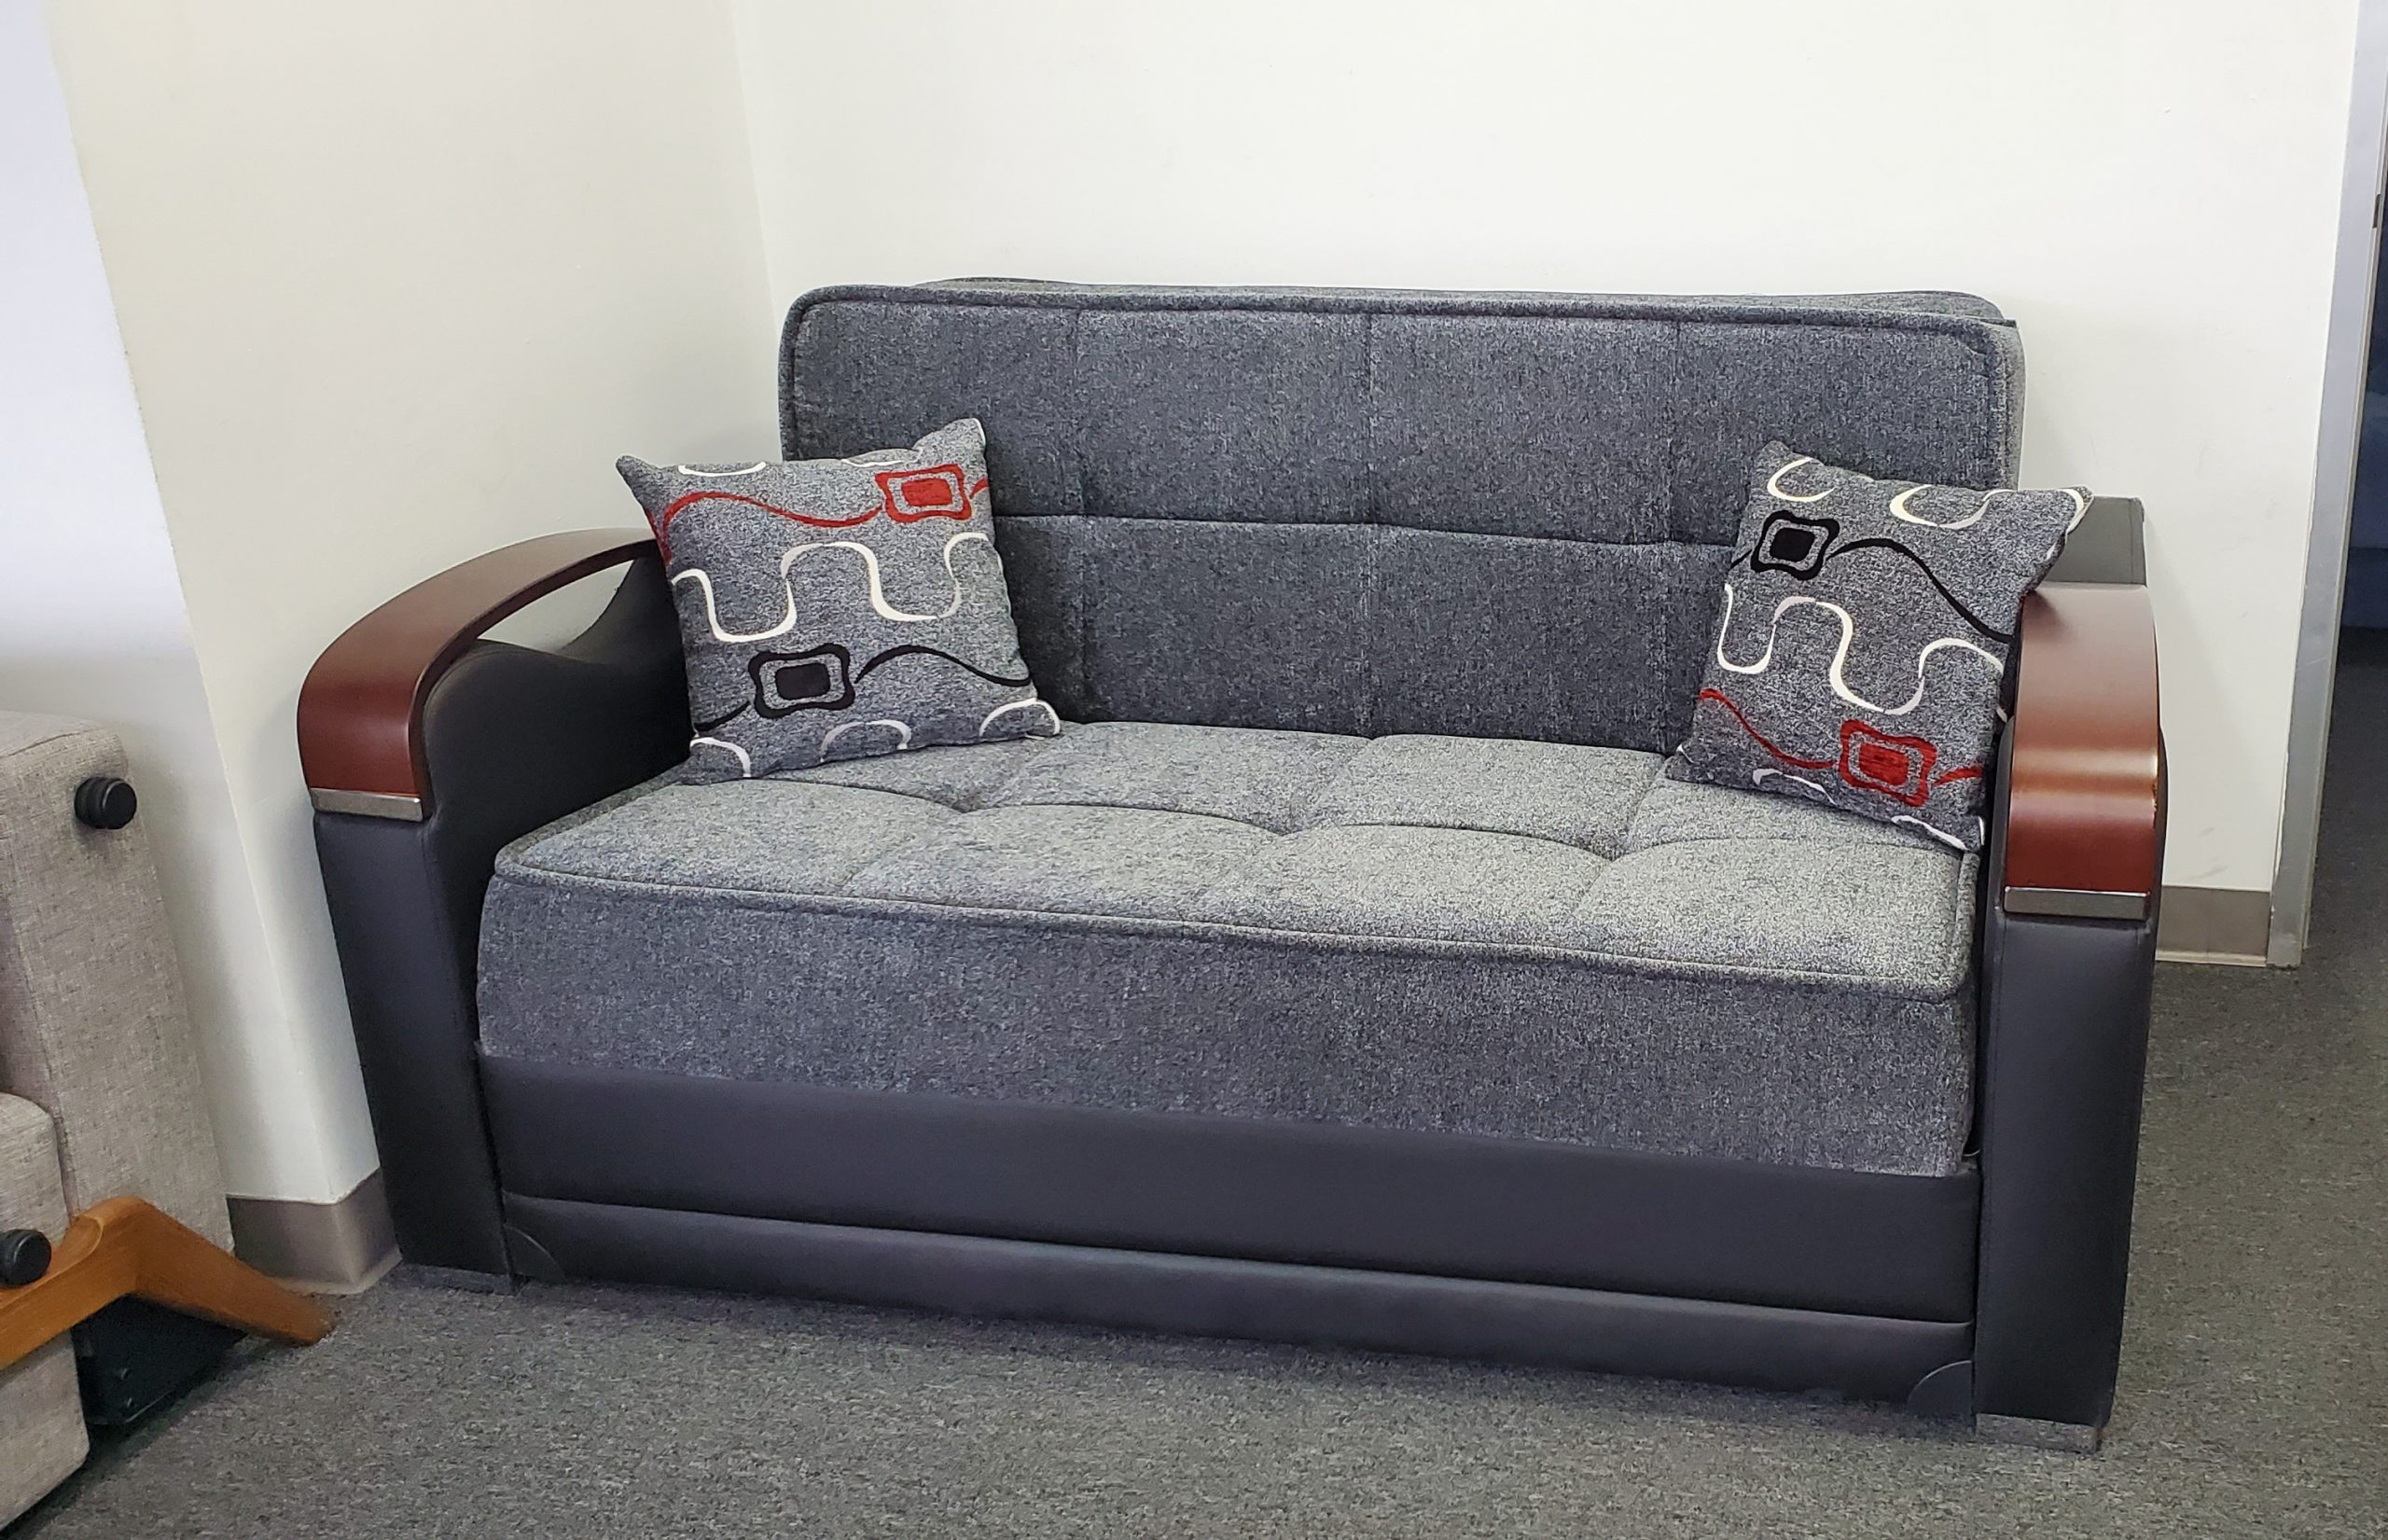 Sevilla Loveseat bed in sport gray